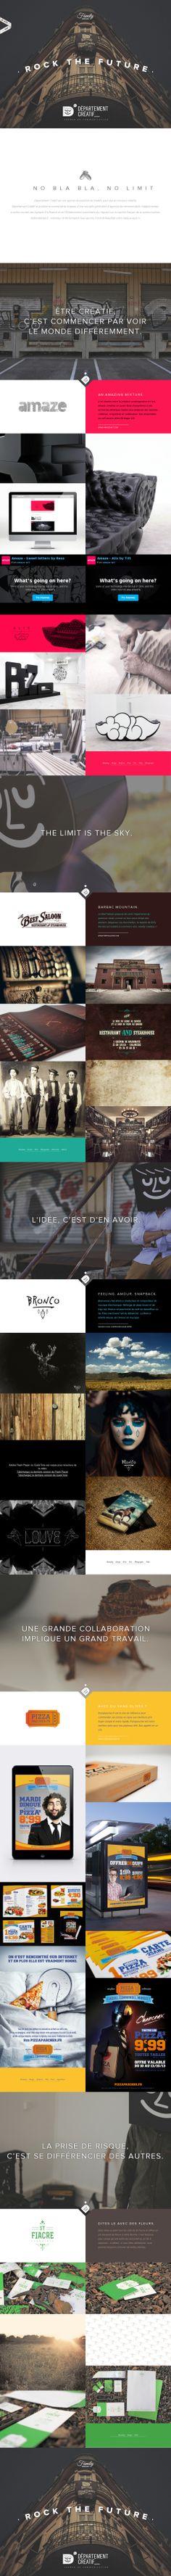 http://departementcreatif.com/ #agence #portfolio #scroll #portfolio